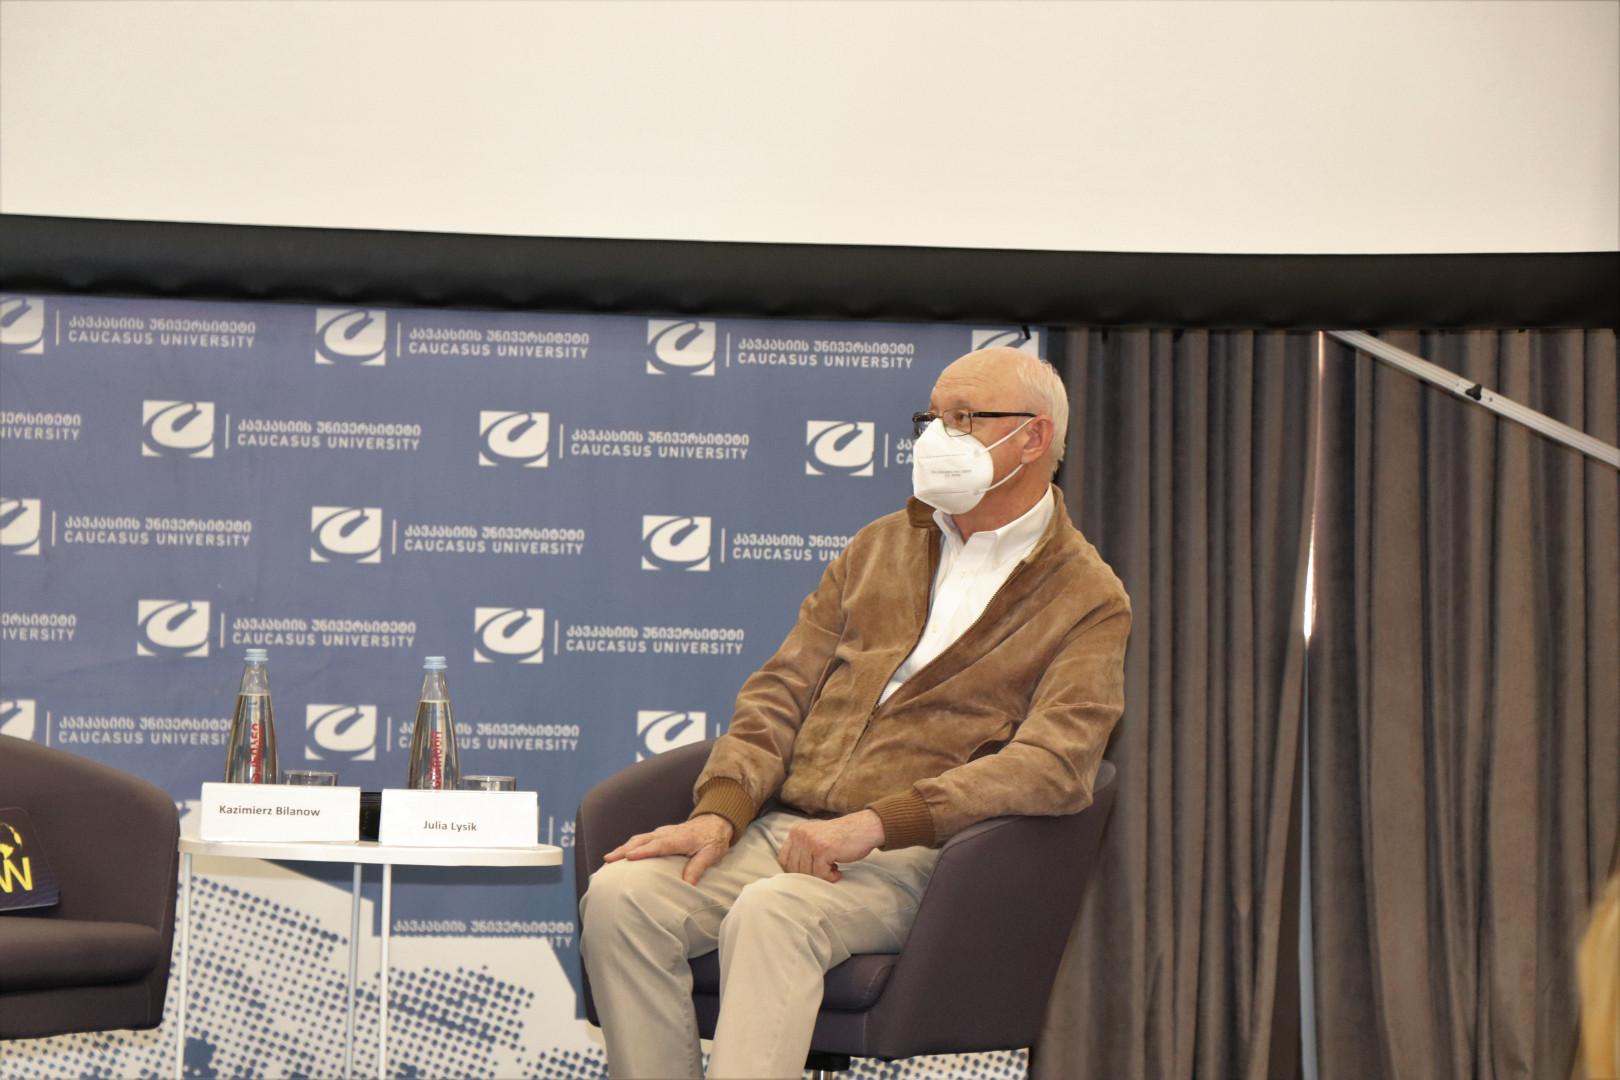 საინფორმაციო შეხვედრა პოლონეთში დაგეგმილი ტექნოლოგიური სამიტის შესახებ